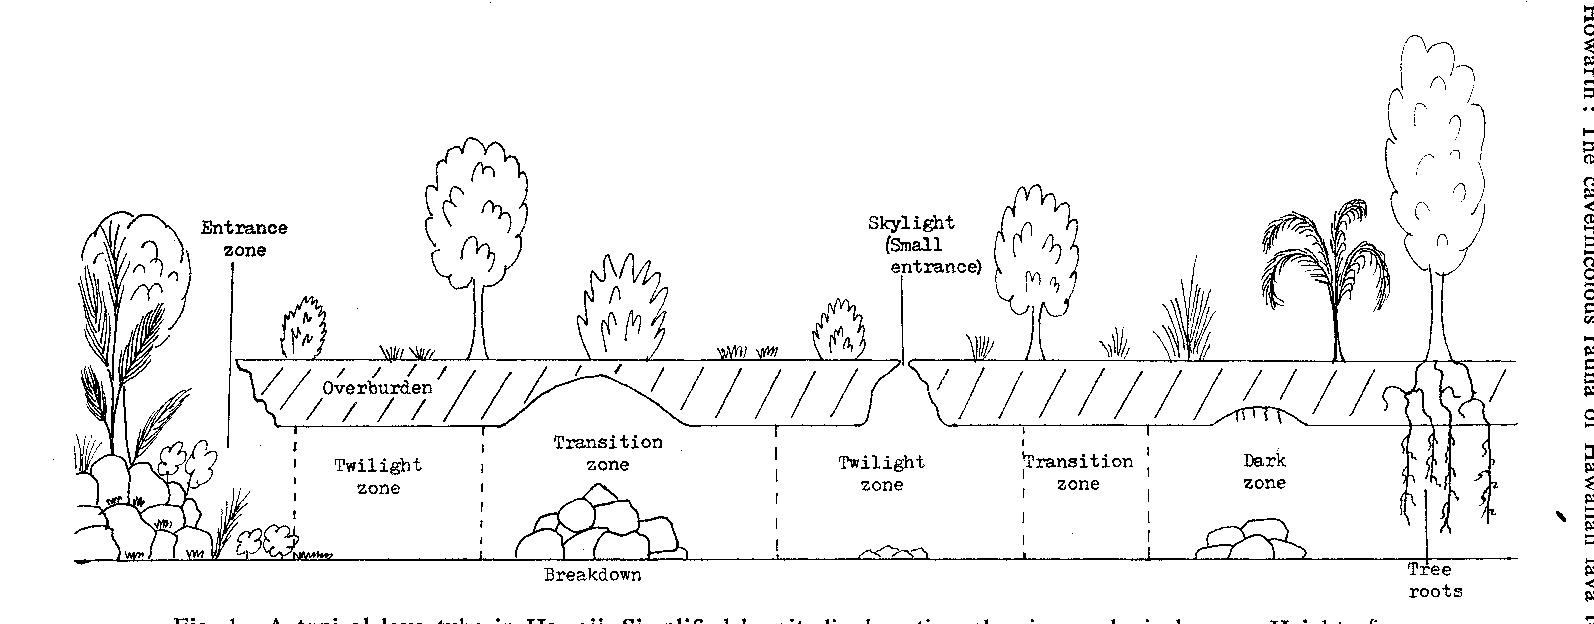 Figure 1 from THE CAVERNICOLOUS FAUNA OF HAWAIIAN LAVA